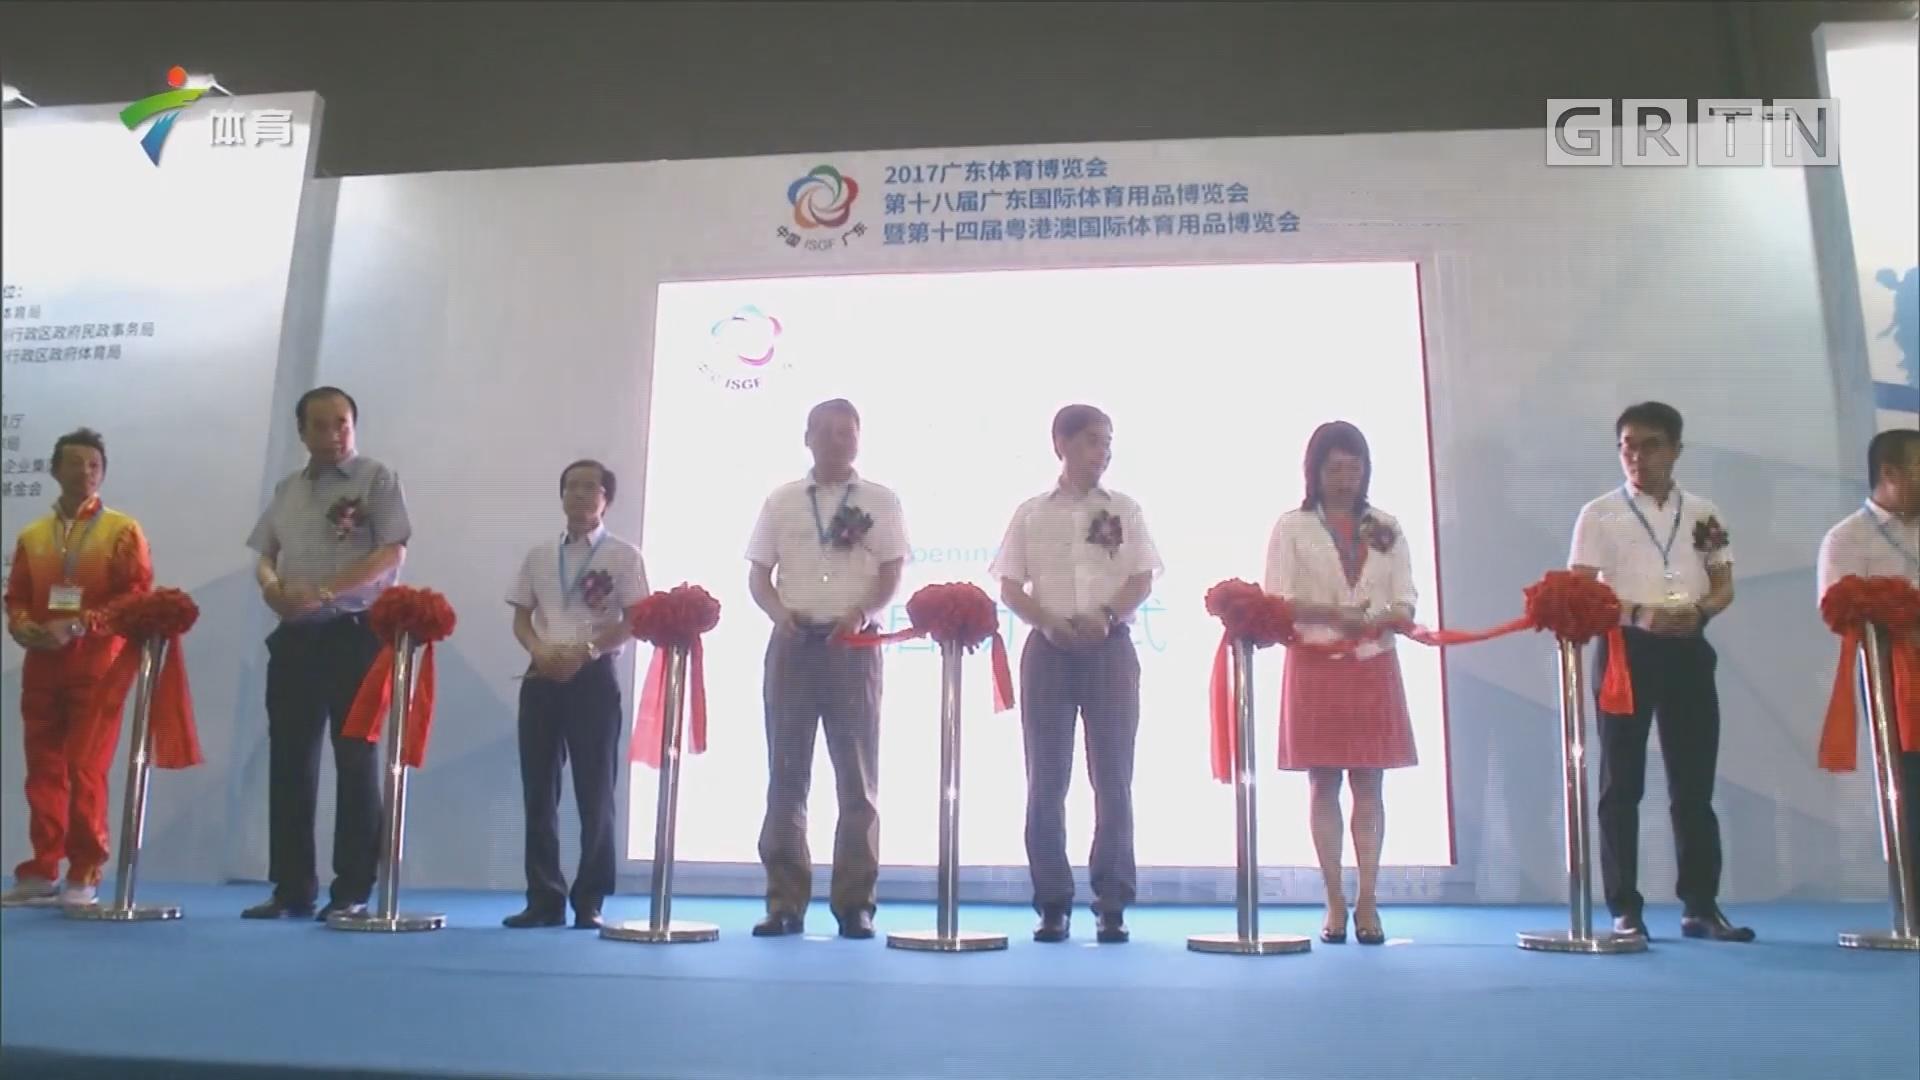 广东体博会正式拉开序幕